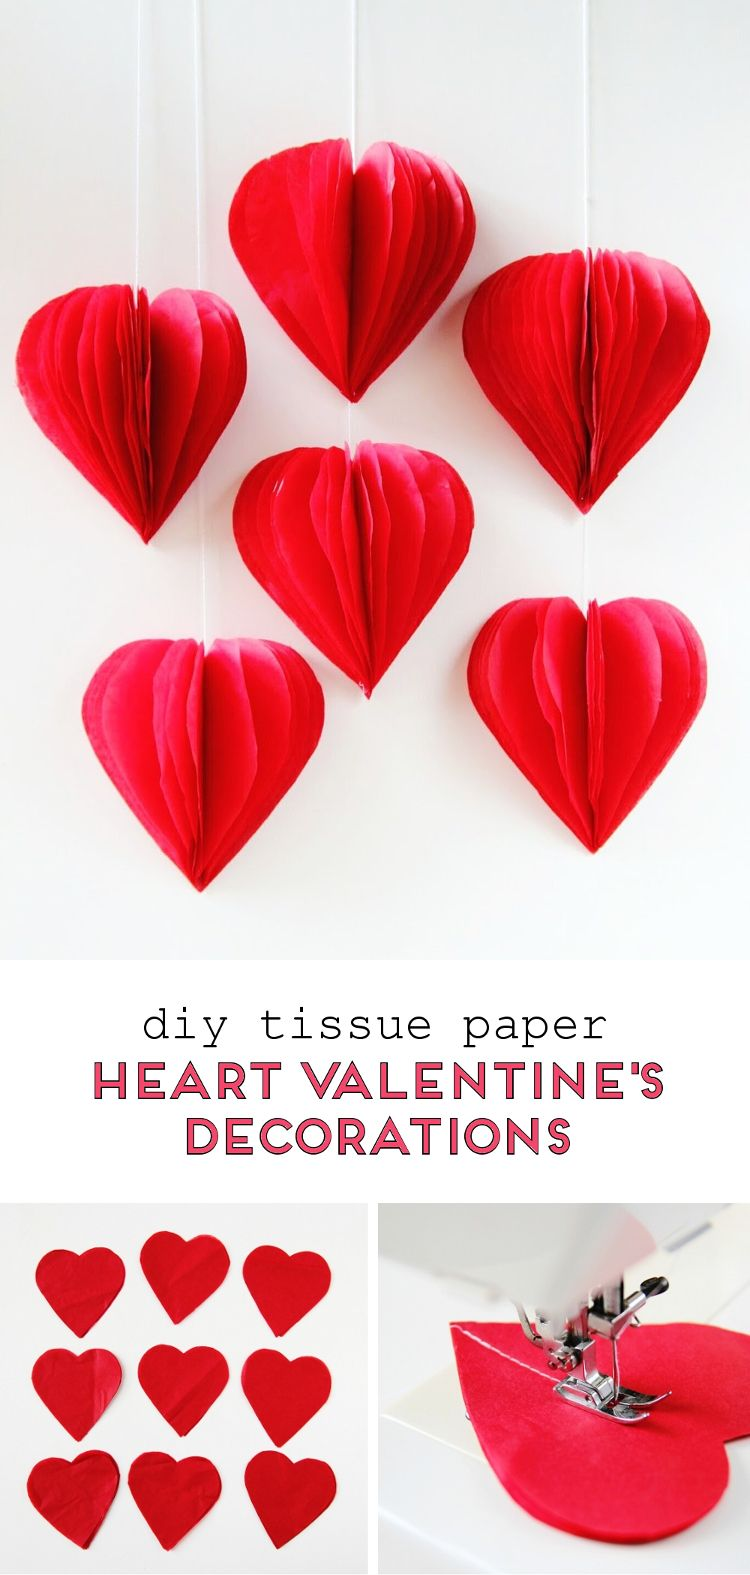 Diy 3d Valentine S Day Tissue Paper Heart Decorations Gathering Beauty Valentine Decorations Valentine Crafts Heart Decorations